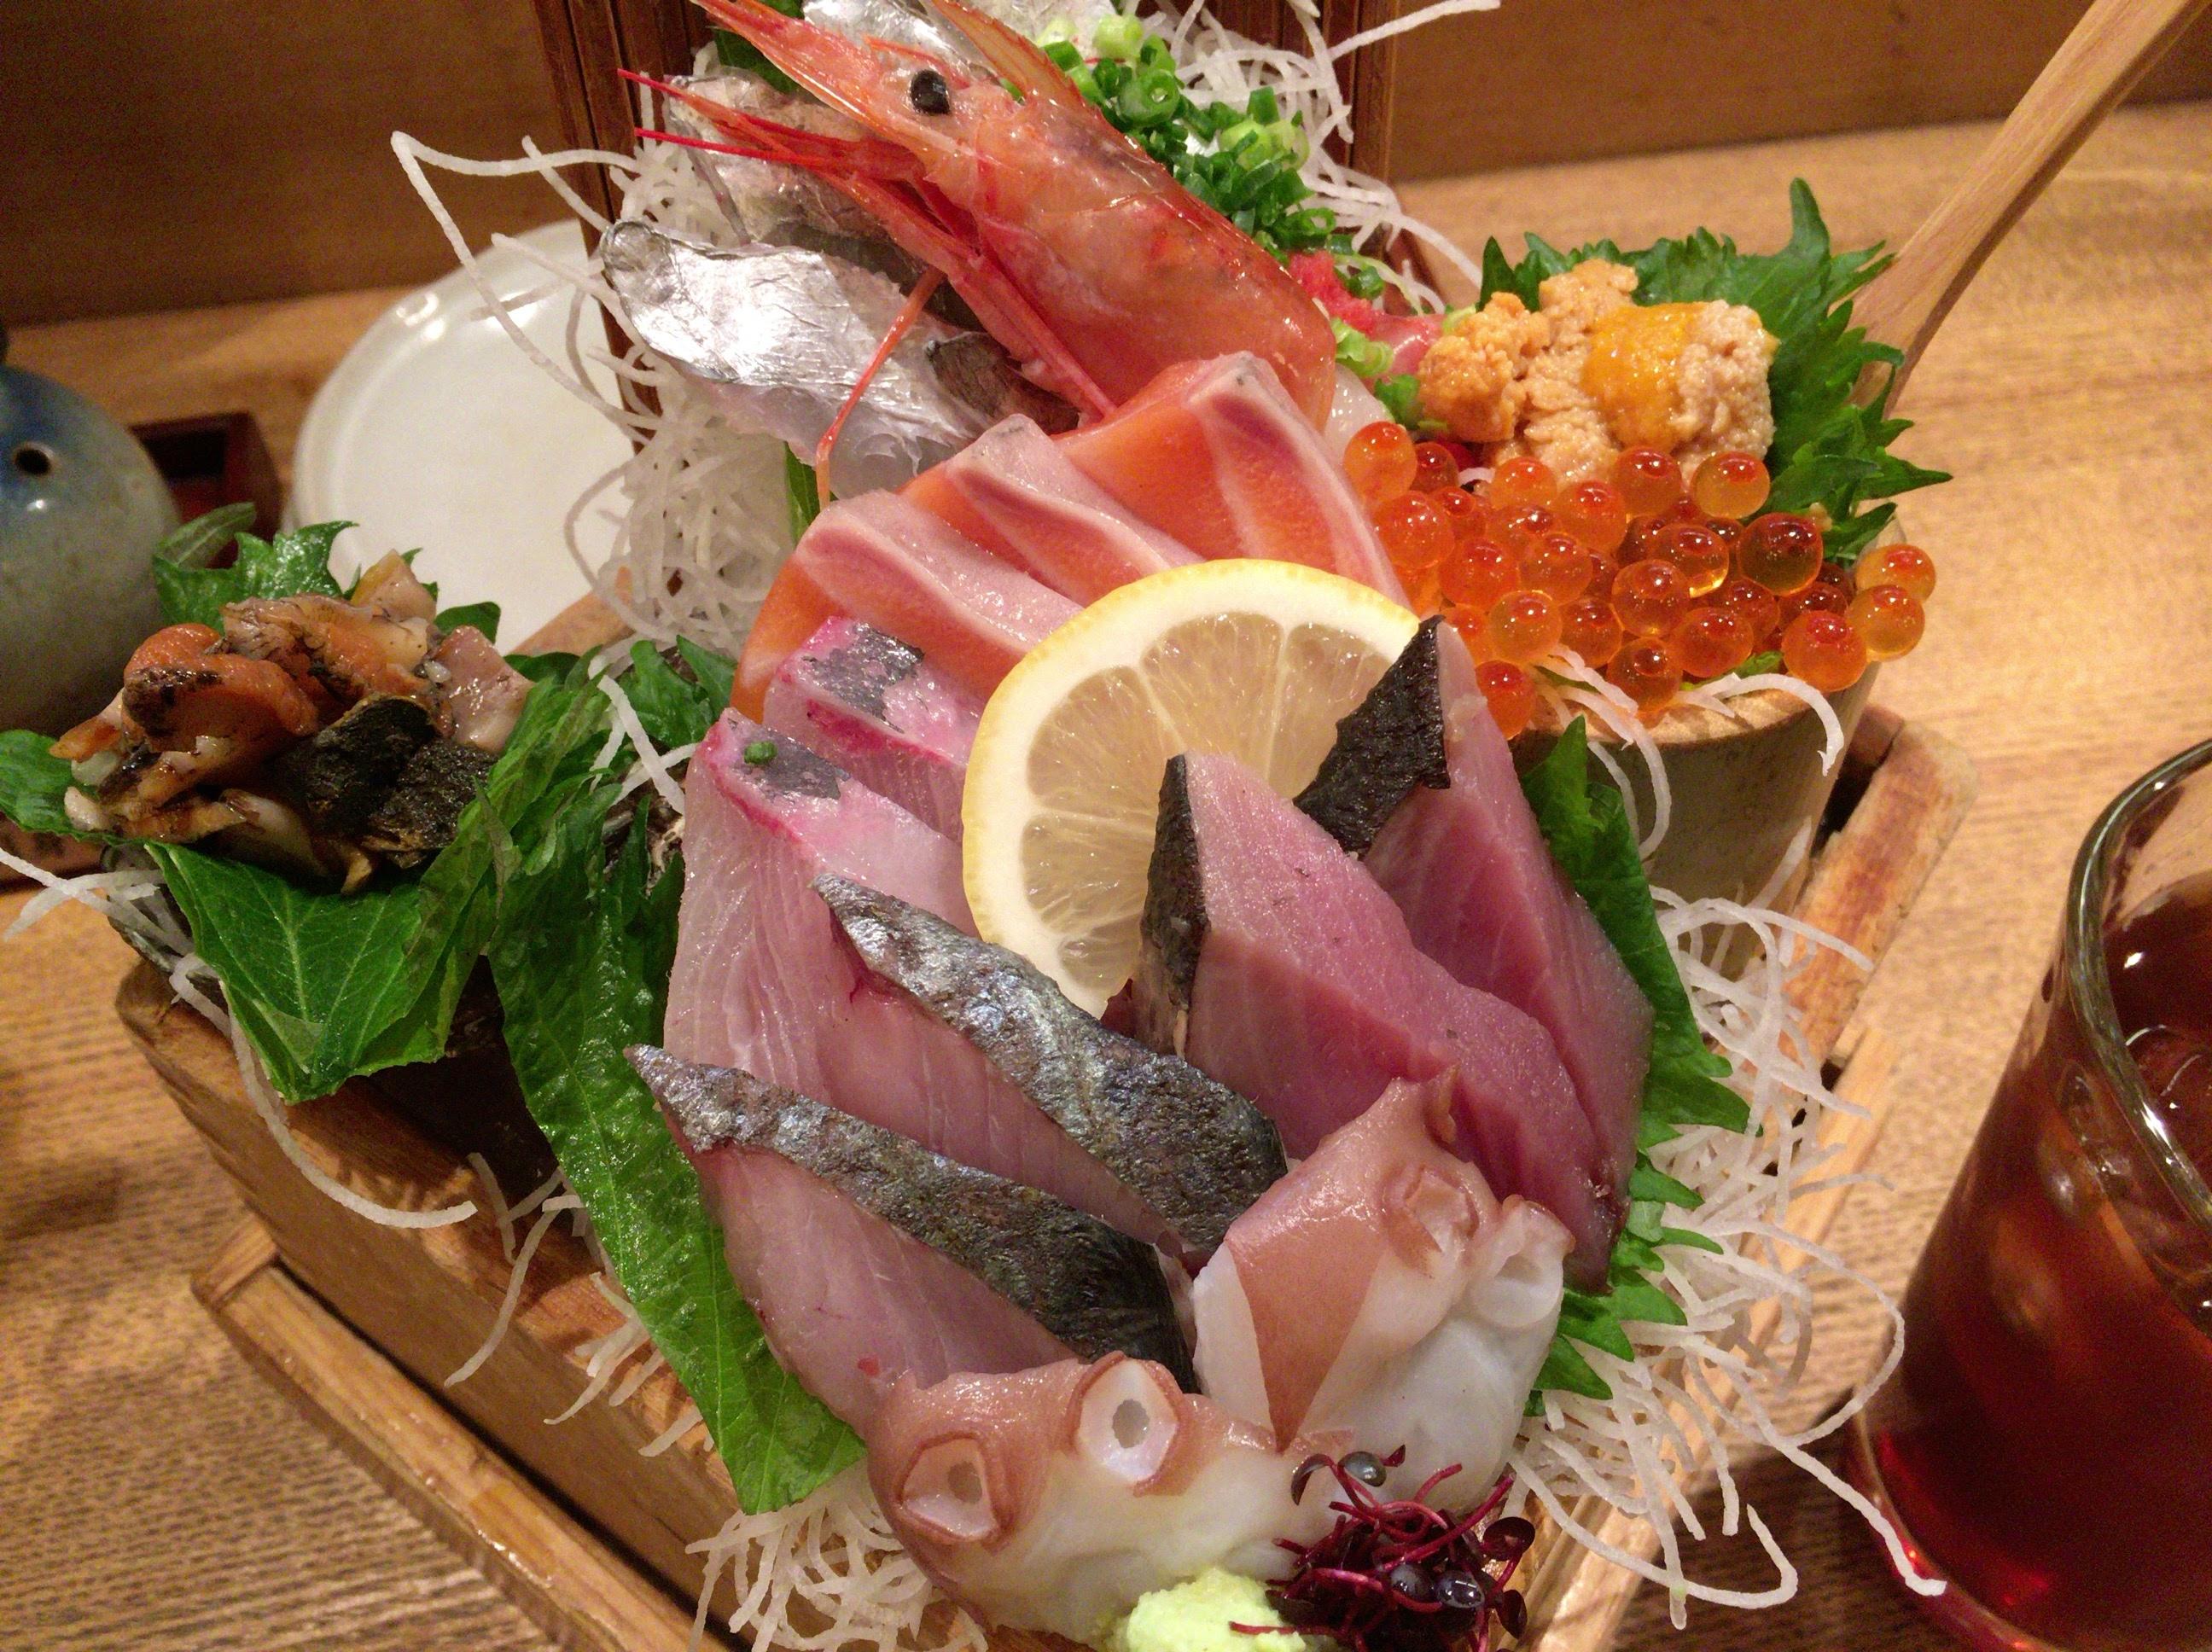 「寿司ろばた八條」大分市内の魚屋直営の海鮮居酒屋はインパクト凄すぎ!驚き連発に「情熱大陸」とともに一人ご飯を楽しみました!